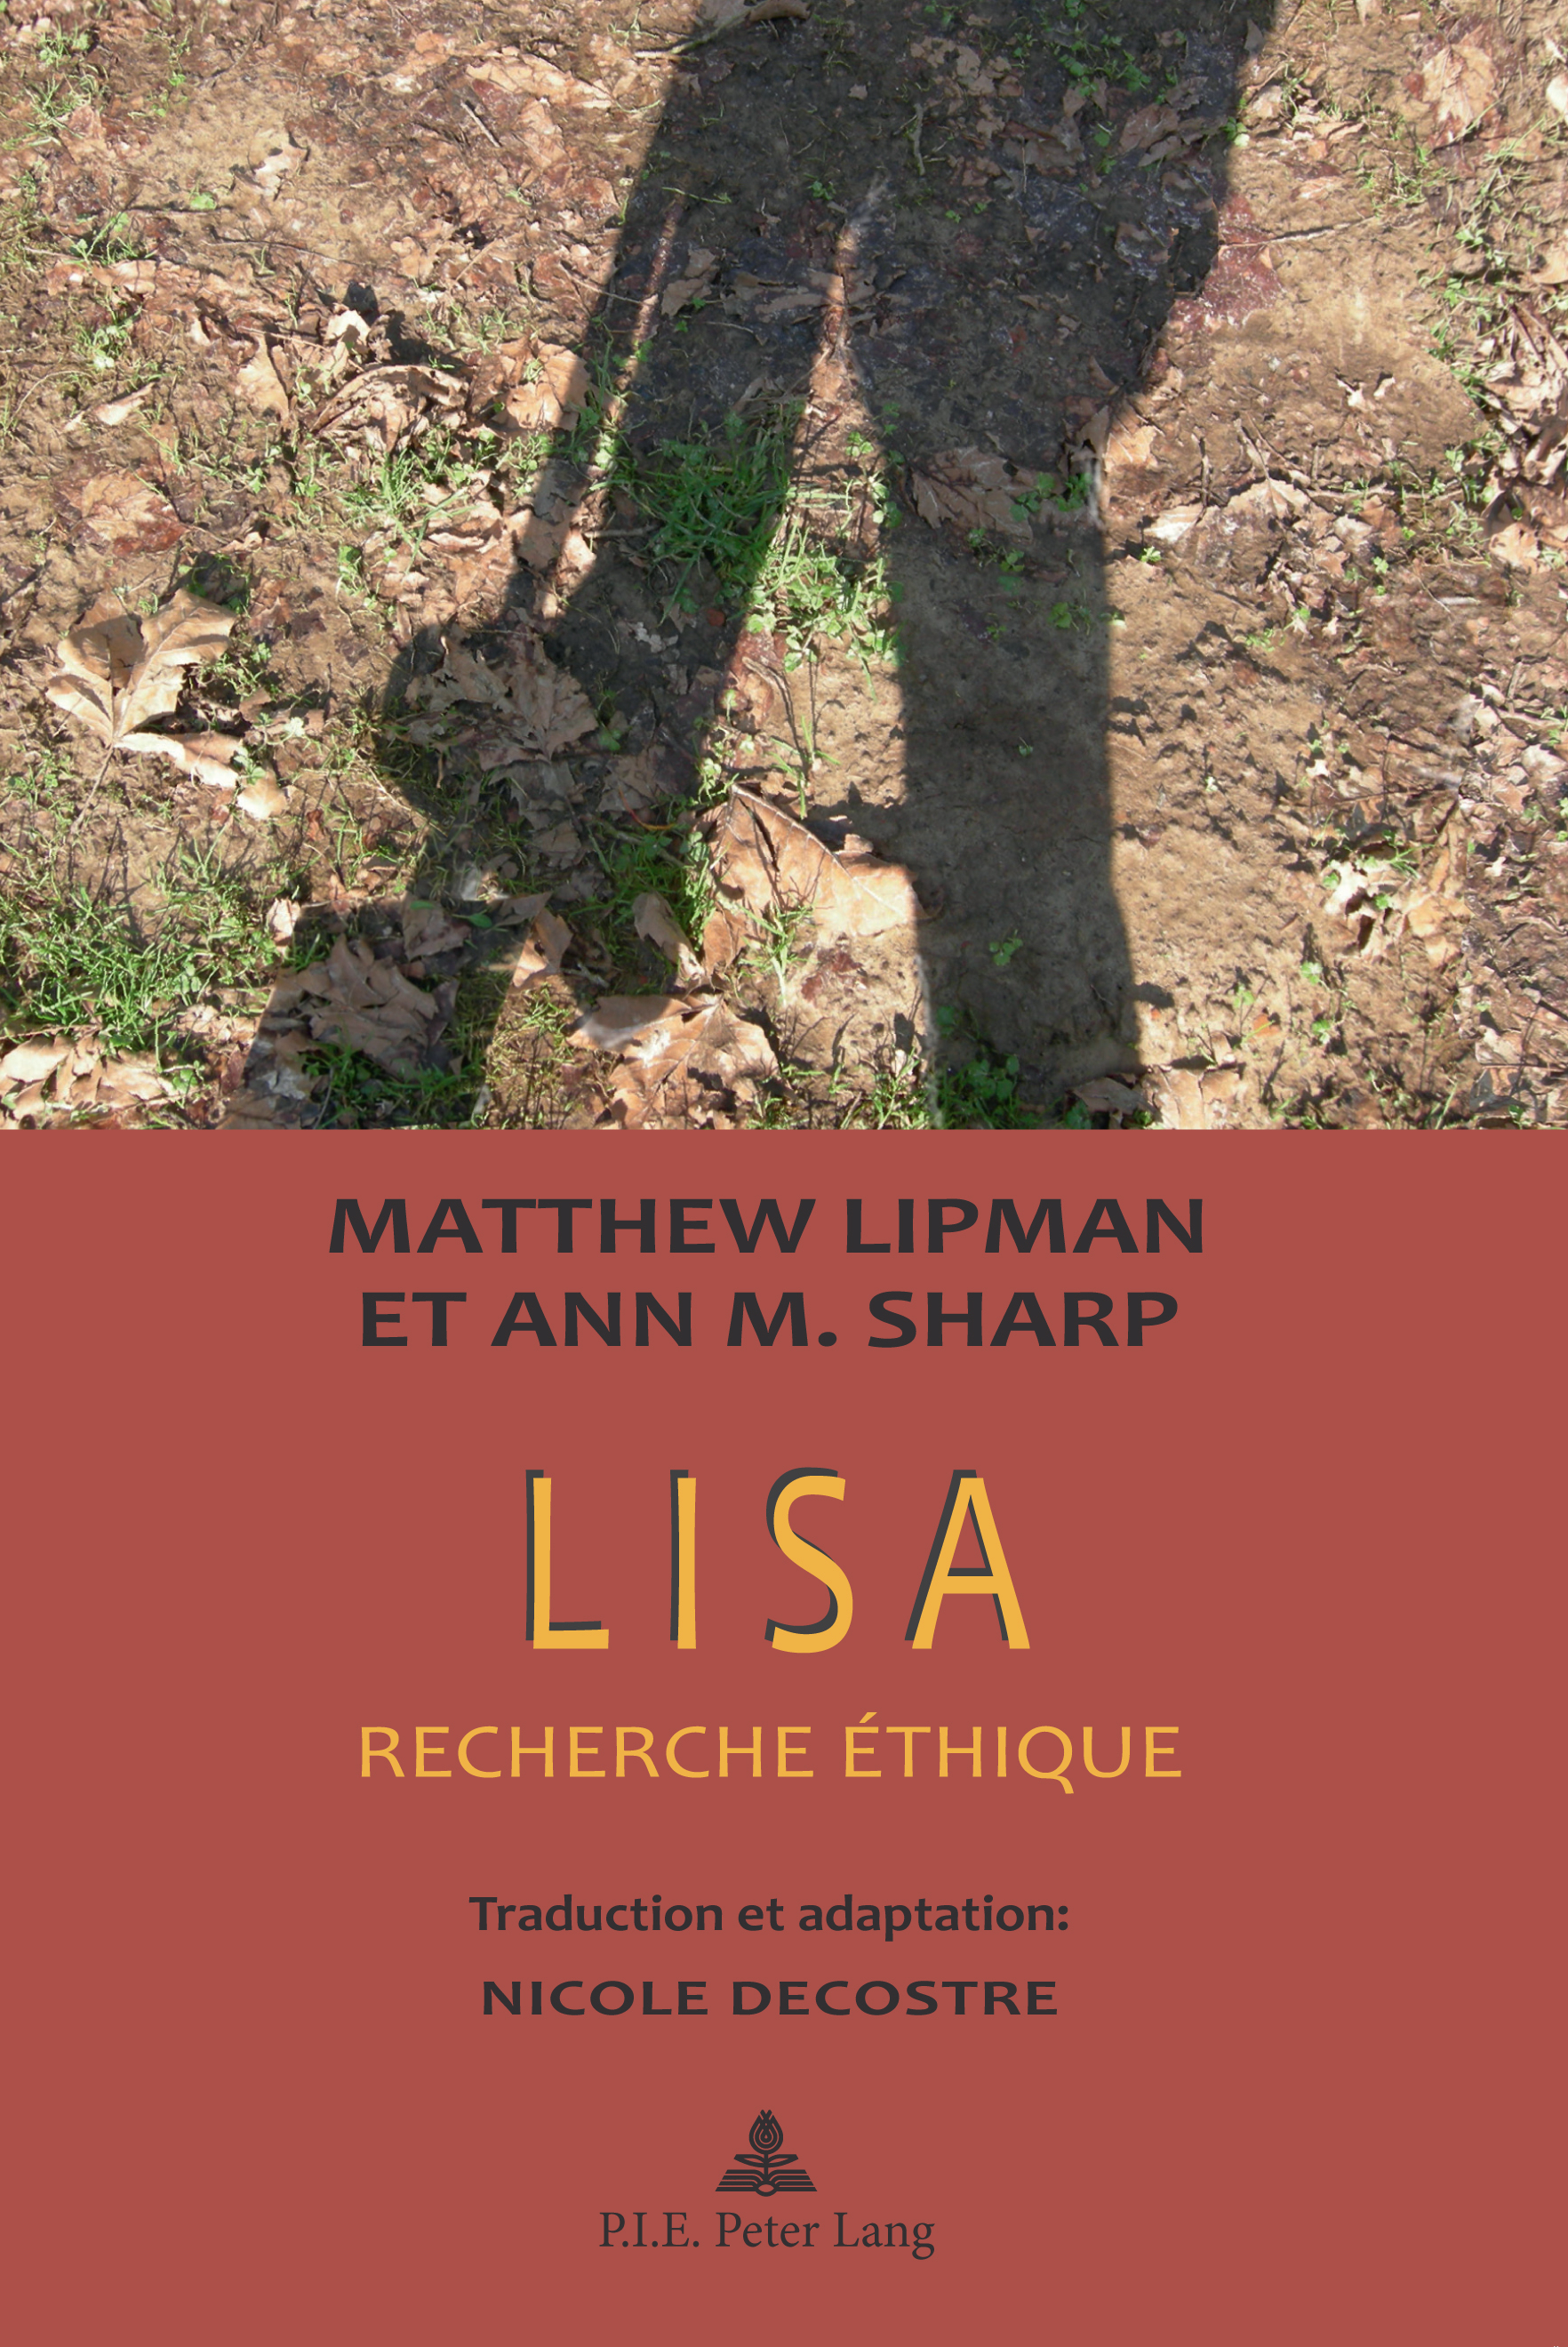 LISA RECHERCHE ETHIQUE